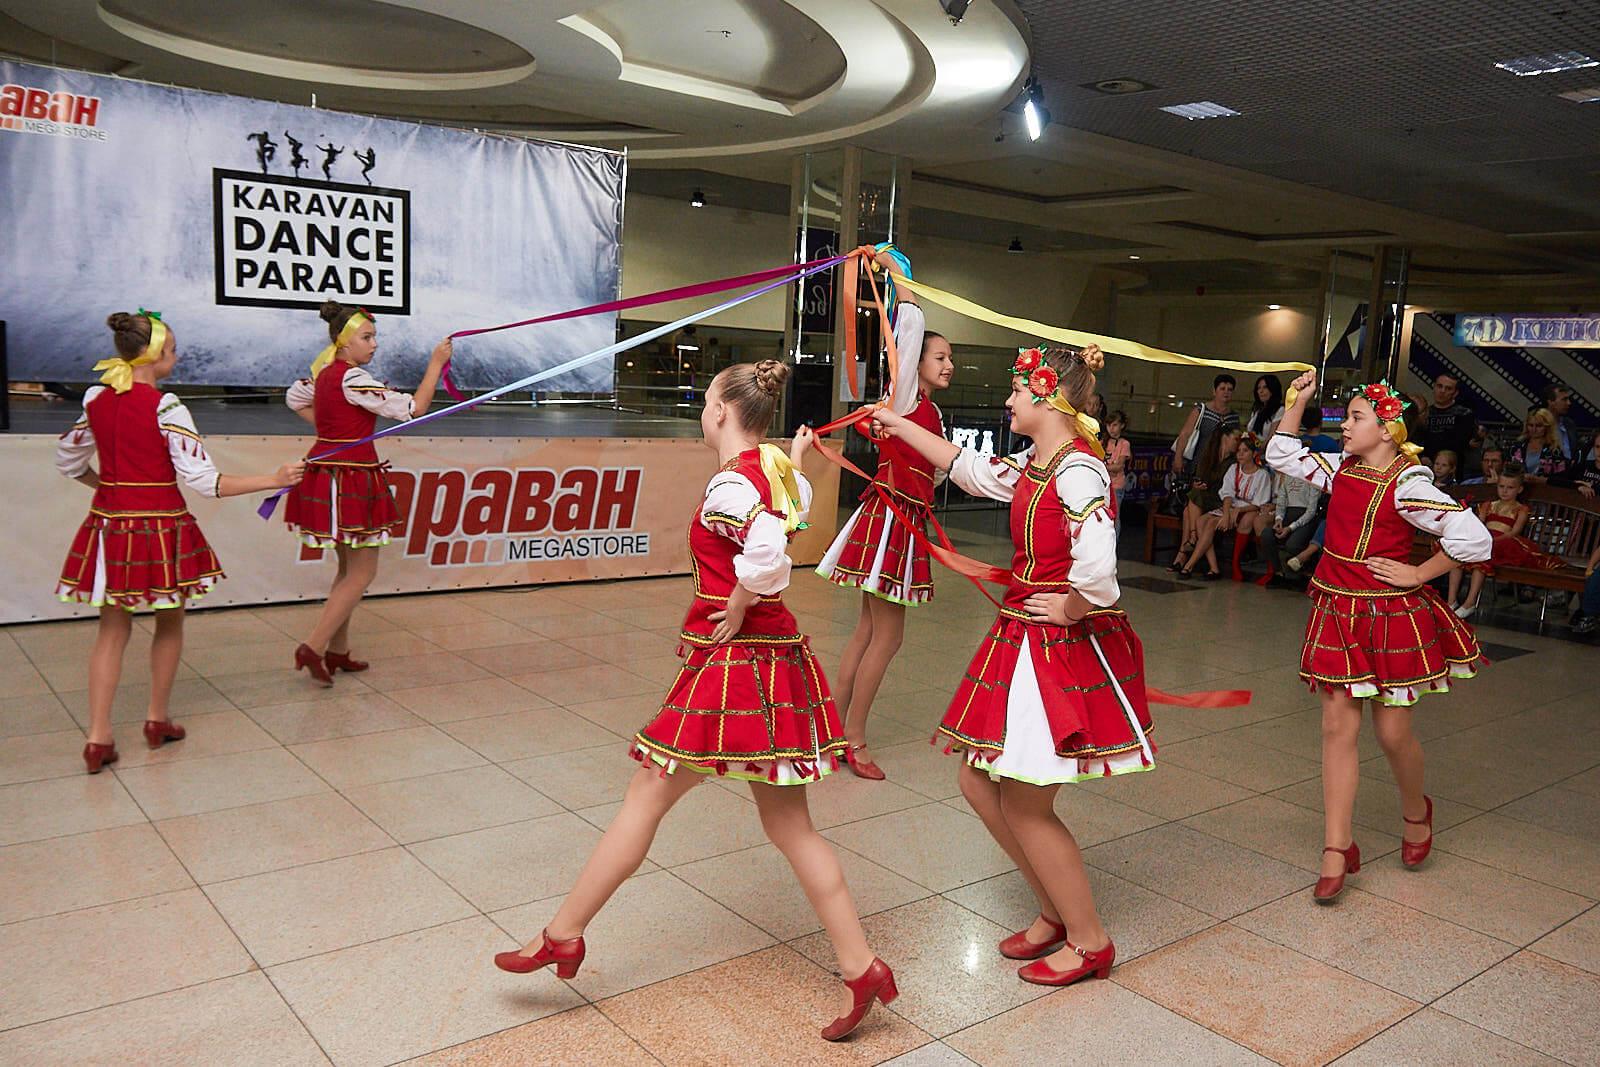 Фотоотчет мероприятия «Karavan Dance Parade»